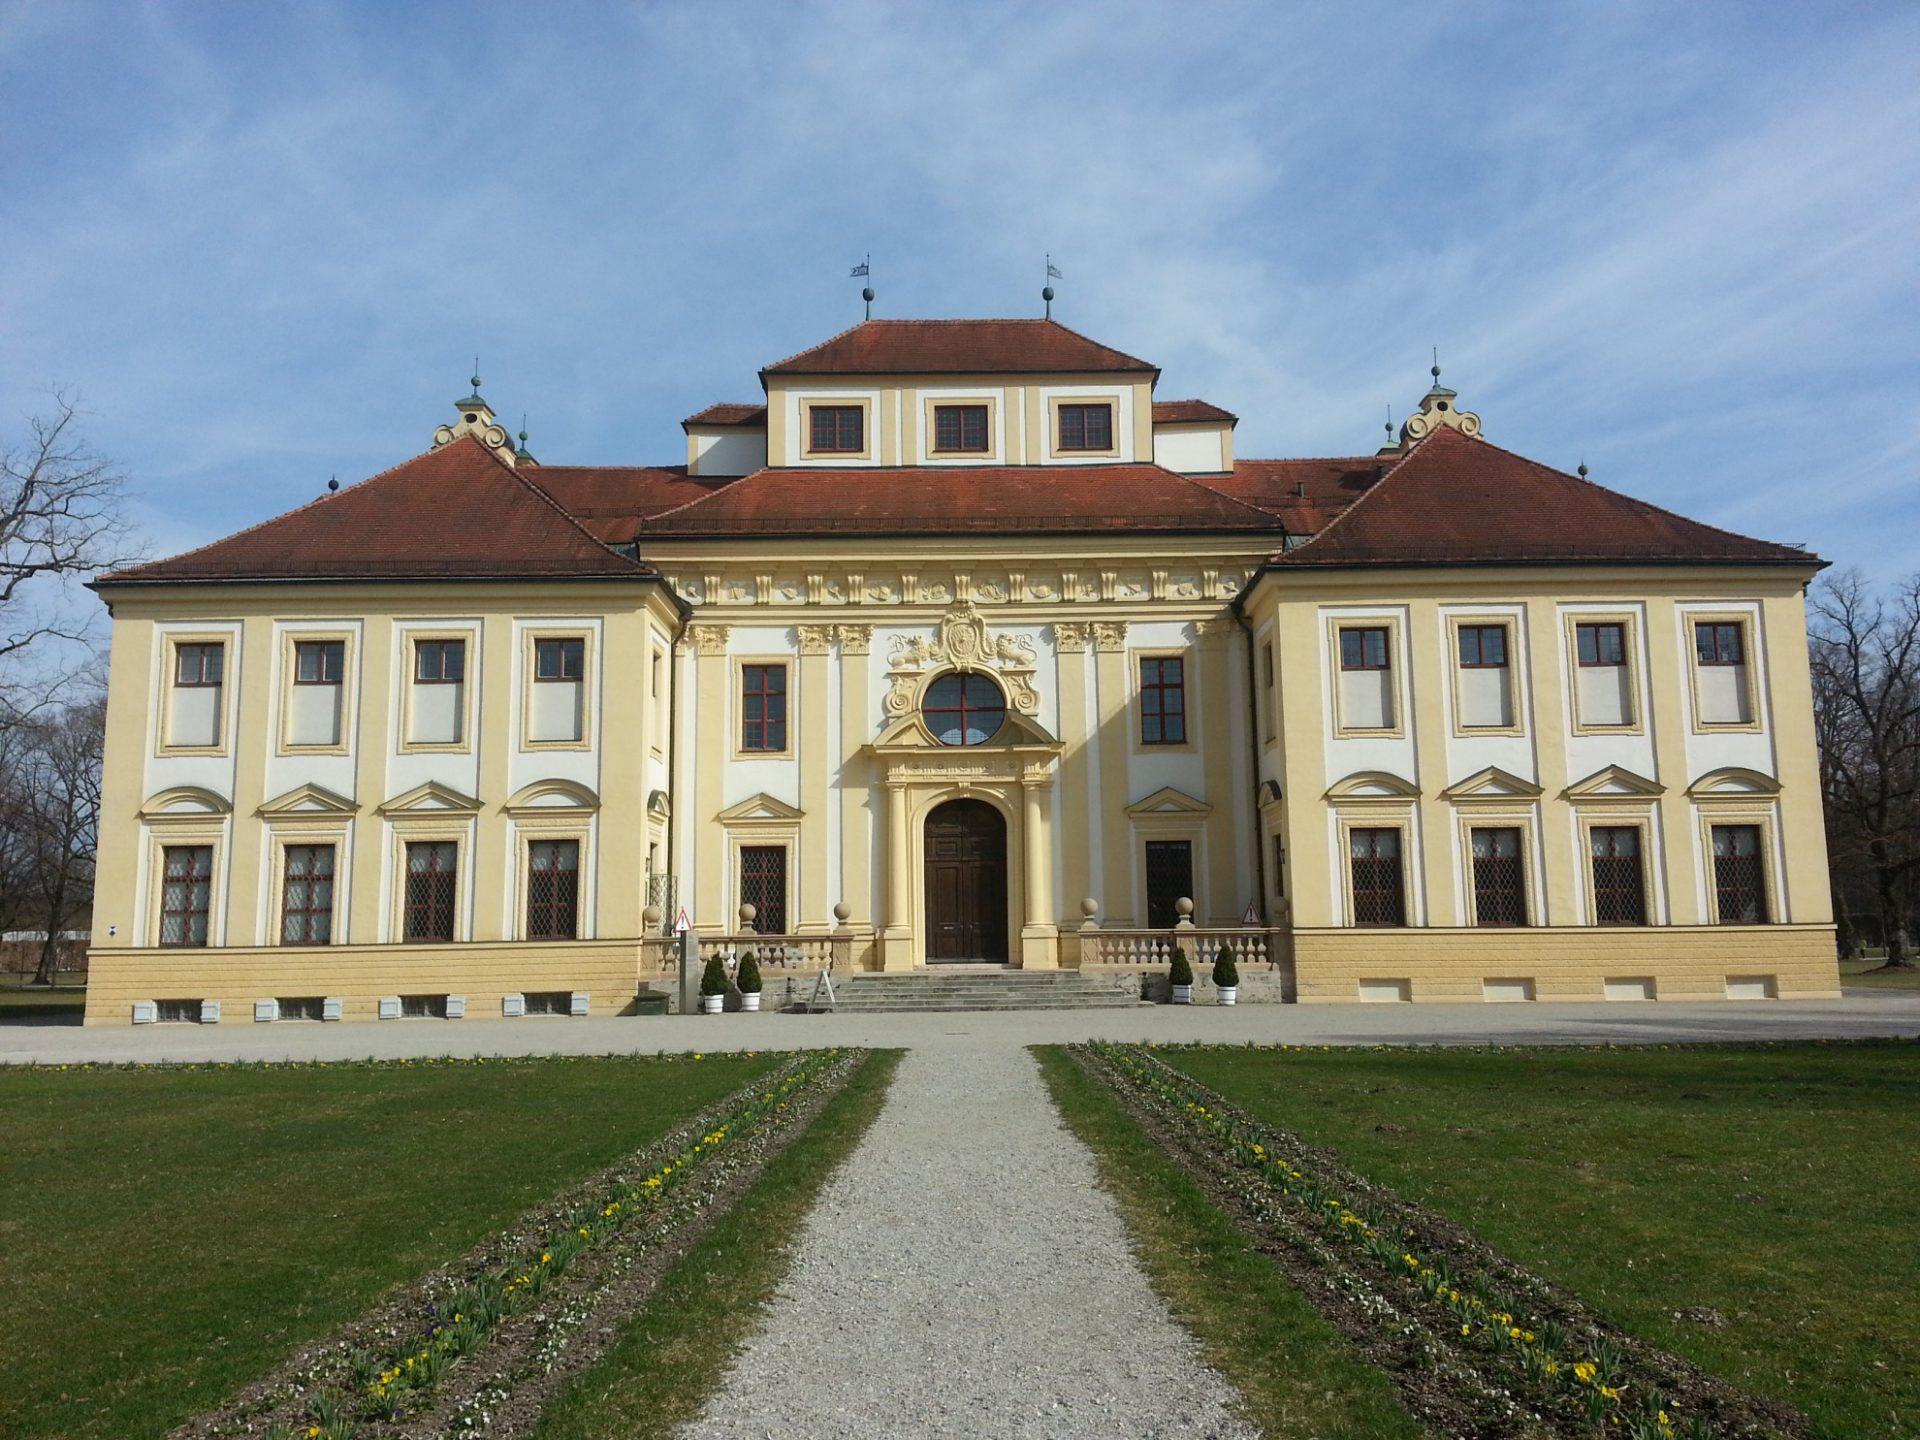 Schloss Lustheim